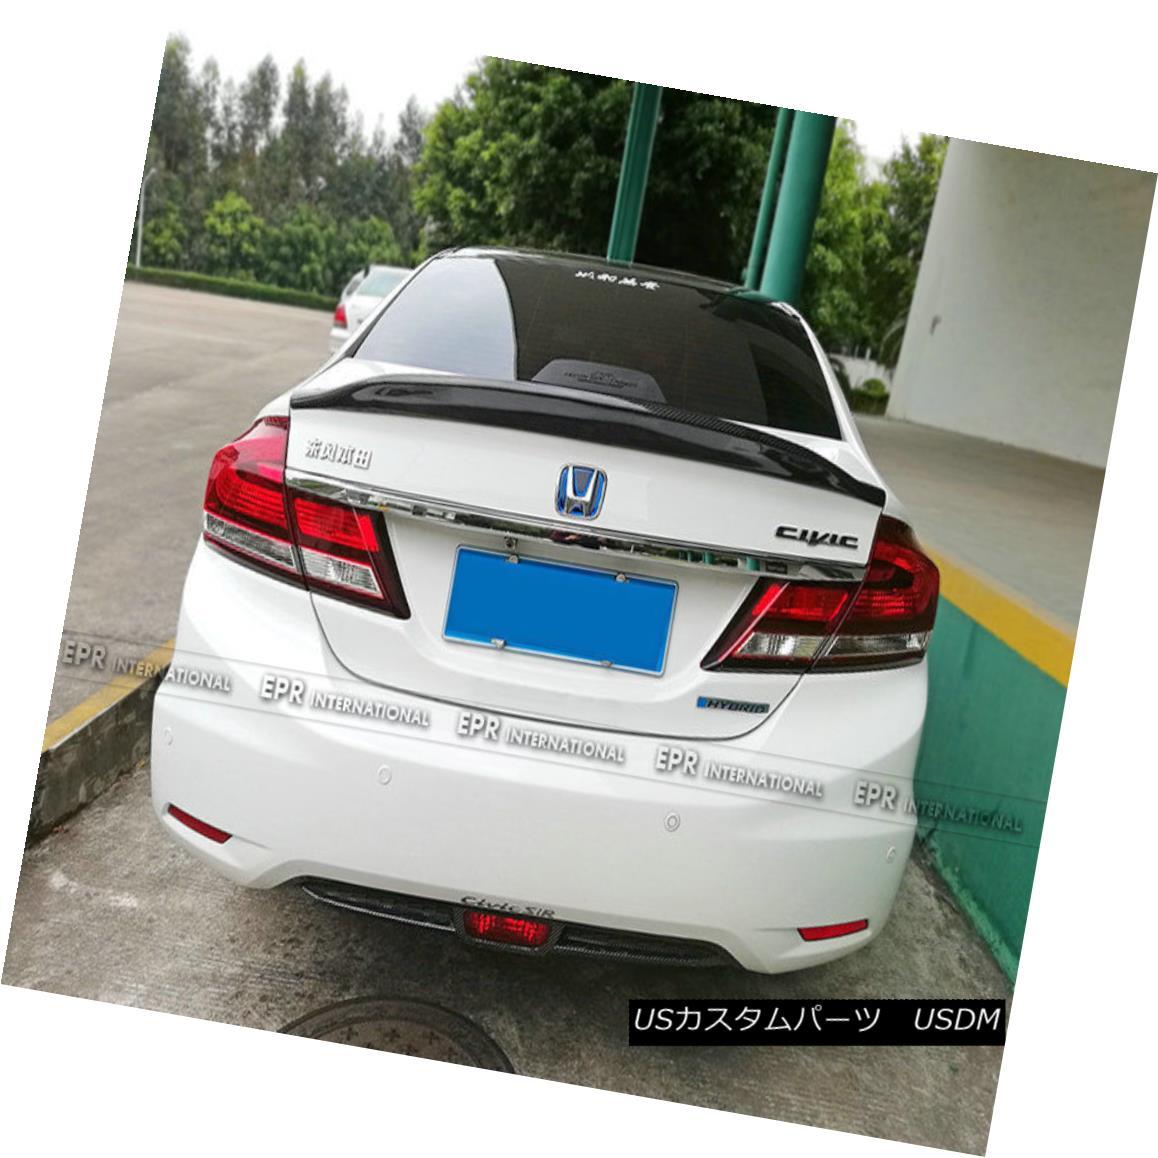 エアロパーツ For Hyundai 9th Gen Sonata LF Rear Trunk Spoiler Wing Boot Lip Part Carbon Fiber 現代第9世代ソナタLFリアトランクスポイラーウイングブーツリップ部カーボンファイバー